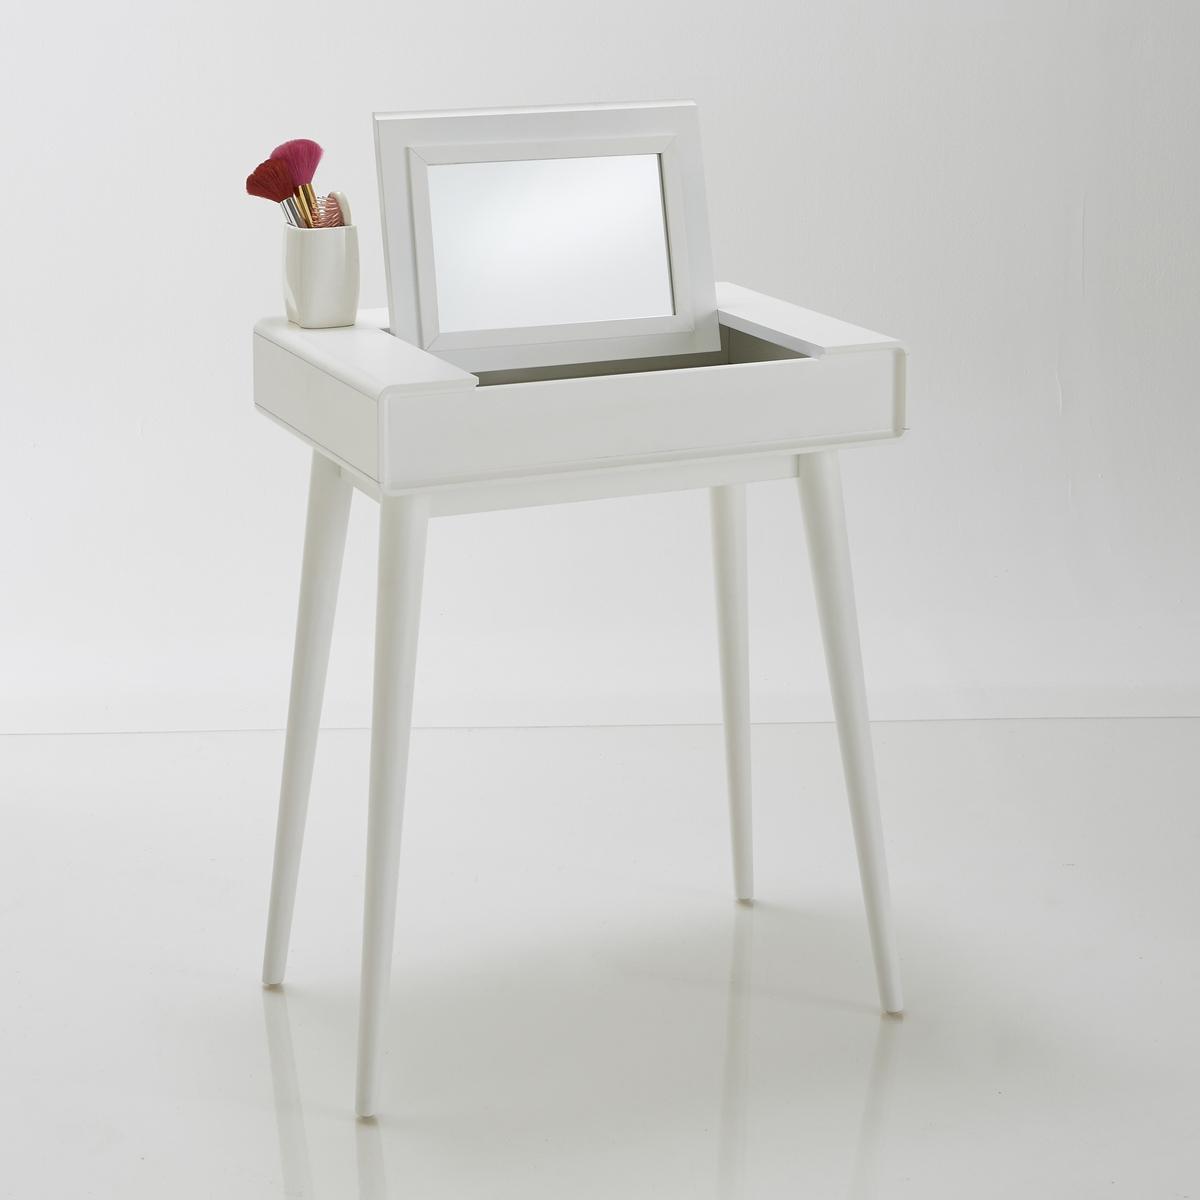 Столик туалетный Jimi столик прикроватный в винтажном стиле jimi